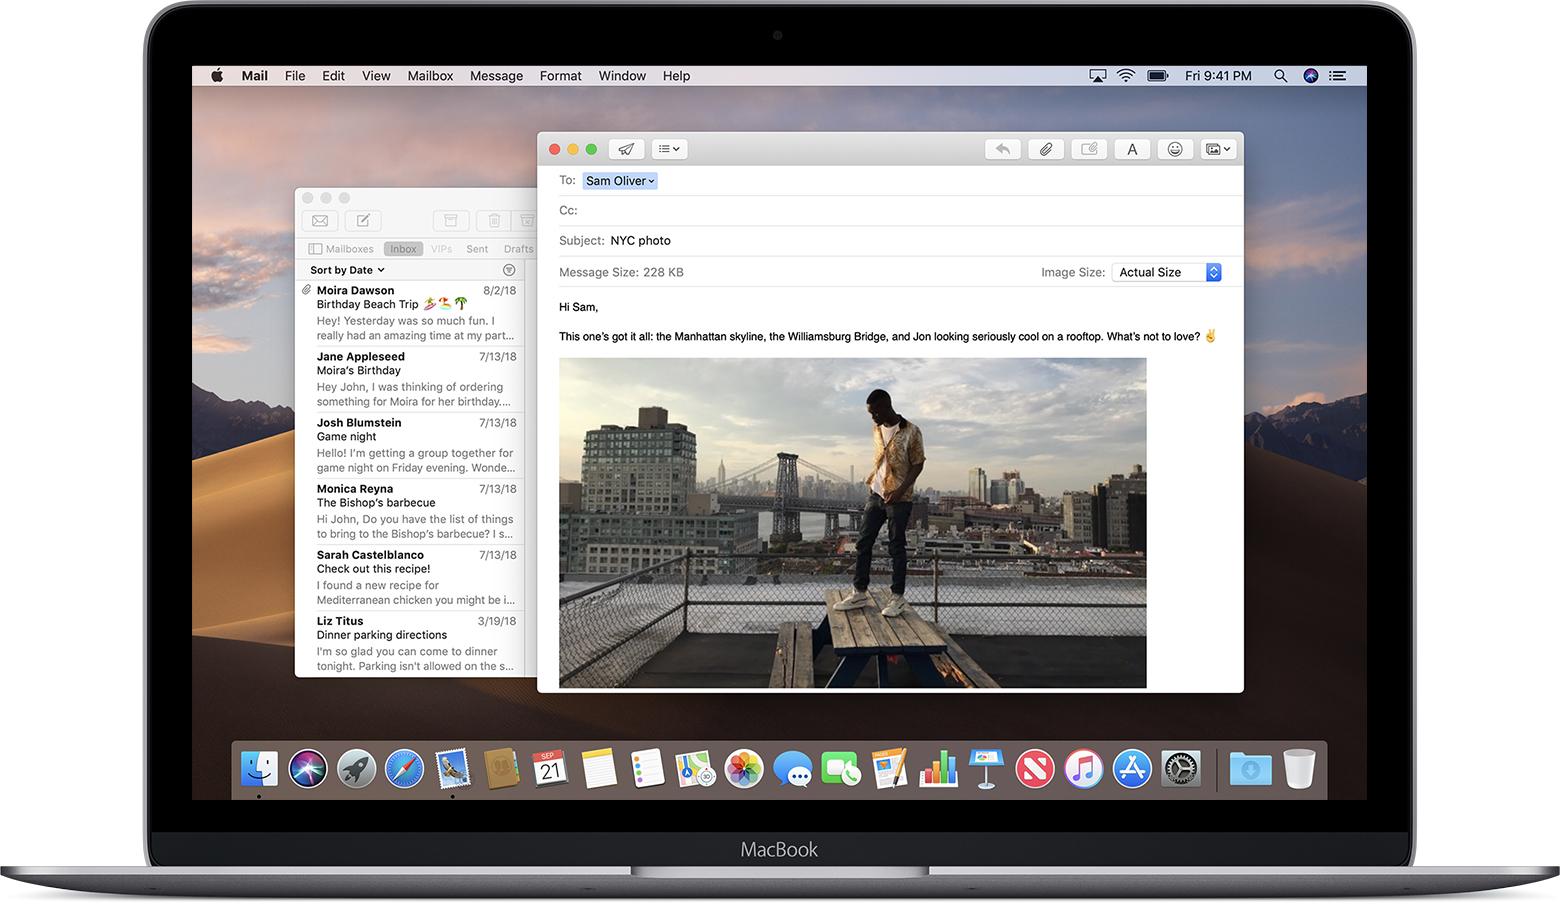 Лучшая бесплатная программа для электронной почты для Mac 2019 - часть 3 из 3